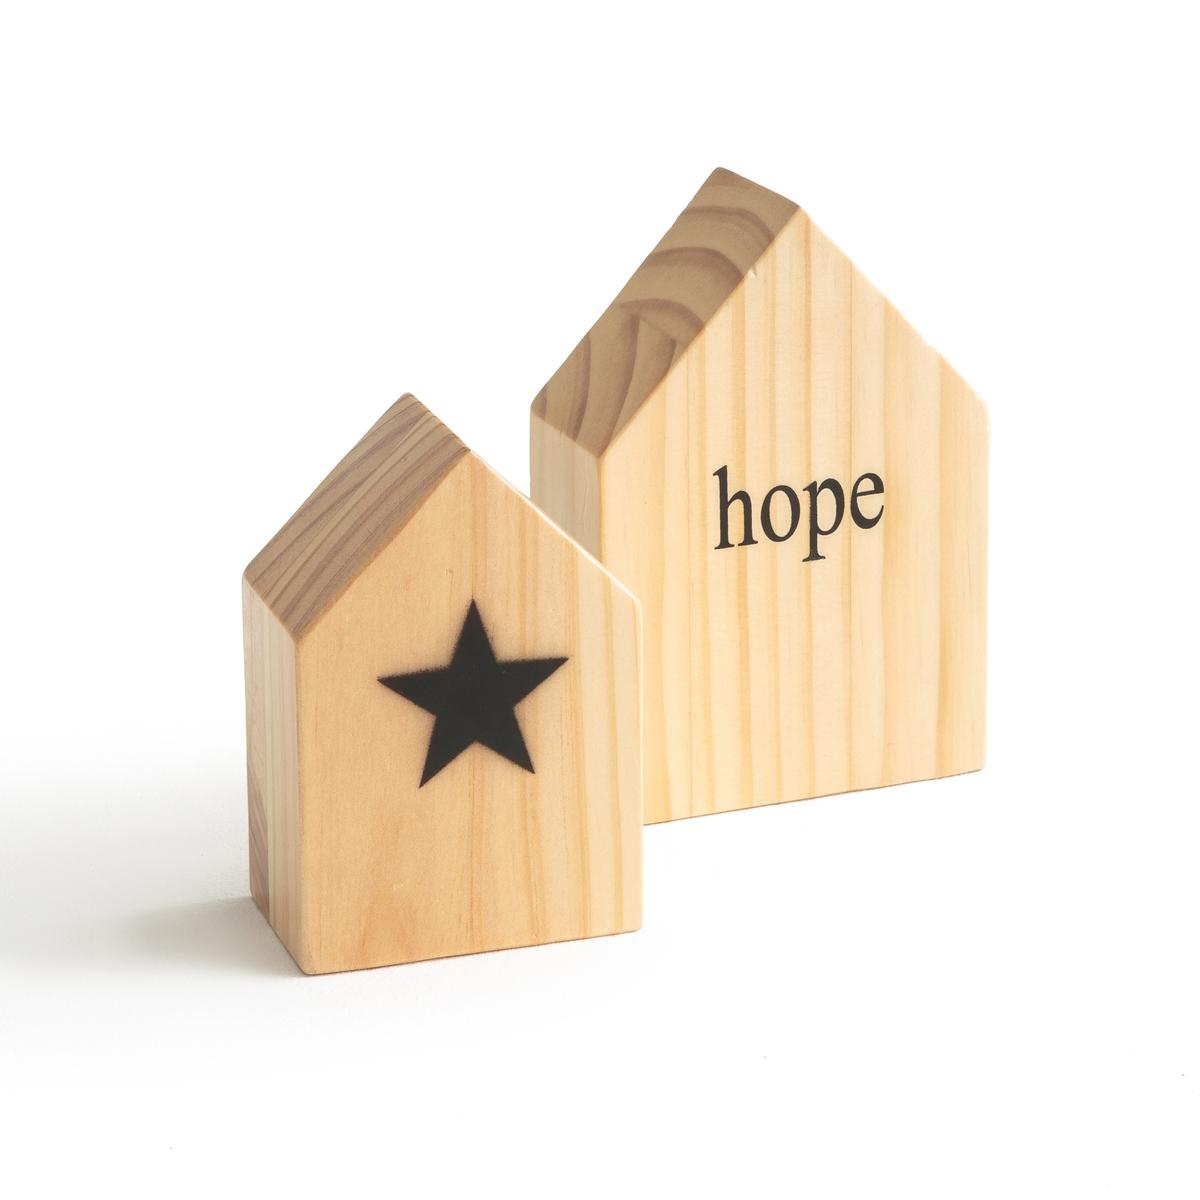 2 домика из дерева CHAYMAДомики из дерева  Chayma (комплект из 2 штук) .Симпатичные домики из дерева в скандинавском стиле .Разместите их на полке или консоли .Предмет декора, который можно подарить кому-то или самому себе .Характеристики домиков Chayma :- Из массива сосны, с украшением   .- Продаются по 2 штуки :1 Домик из дерева с надписью hope+ 1 домик из дерева с рисунком  звезда .Размеры домиков Chayma : : - Домик с надписью hope  : 10,5 x 5 x 15 см - Домик  с рисунком  звезда : 8 x 5 x 12 см .Найдите всю коллекцию предметов декора на сайте laredoute.ru<br><br>Цвет: серо-бежевый<br>Размер: единый размер